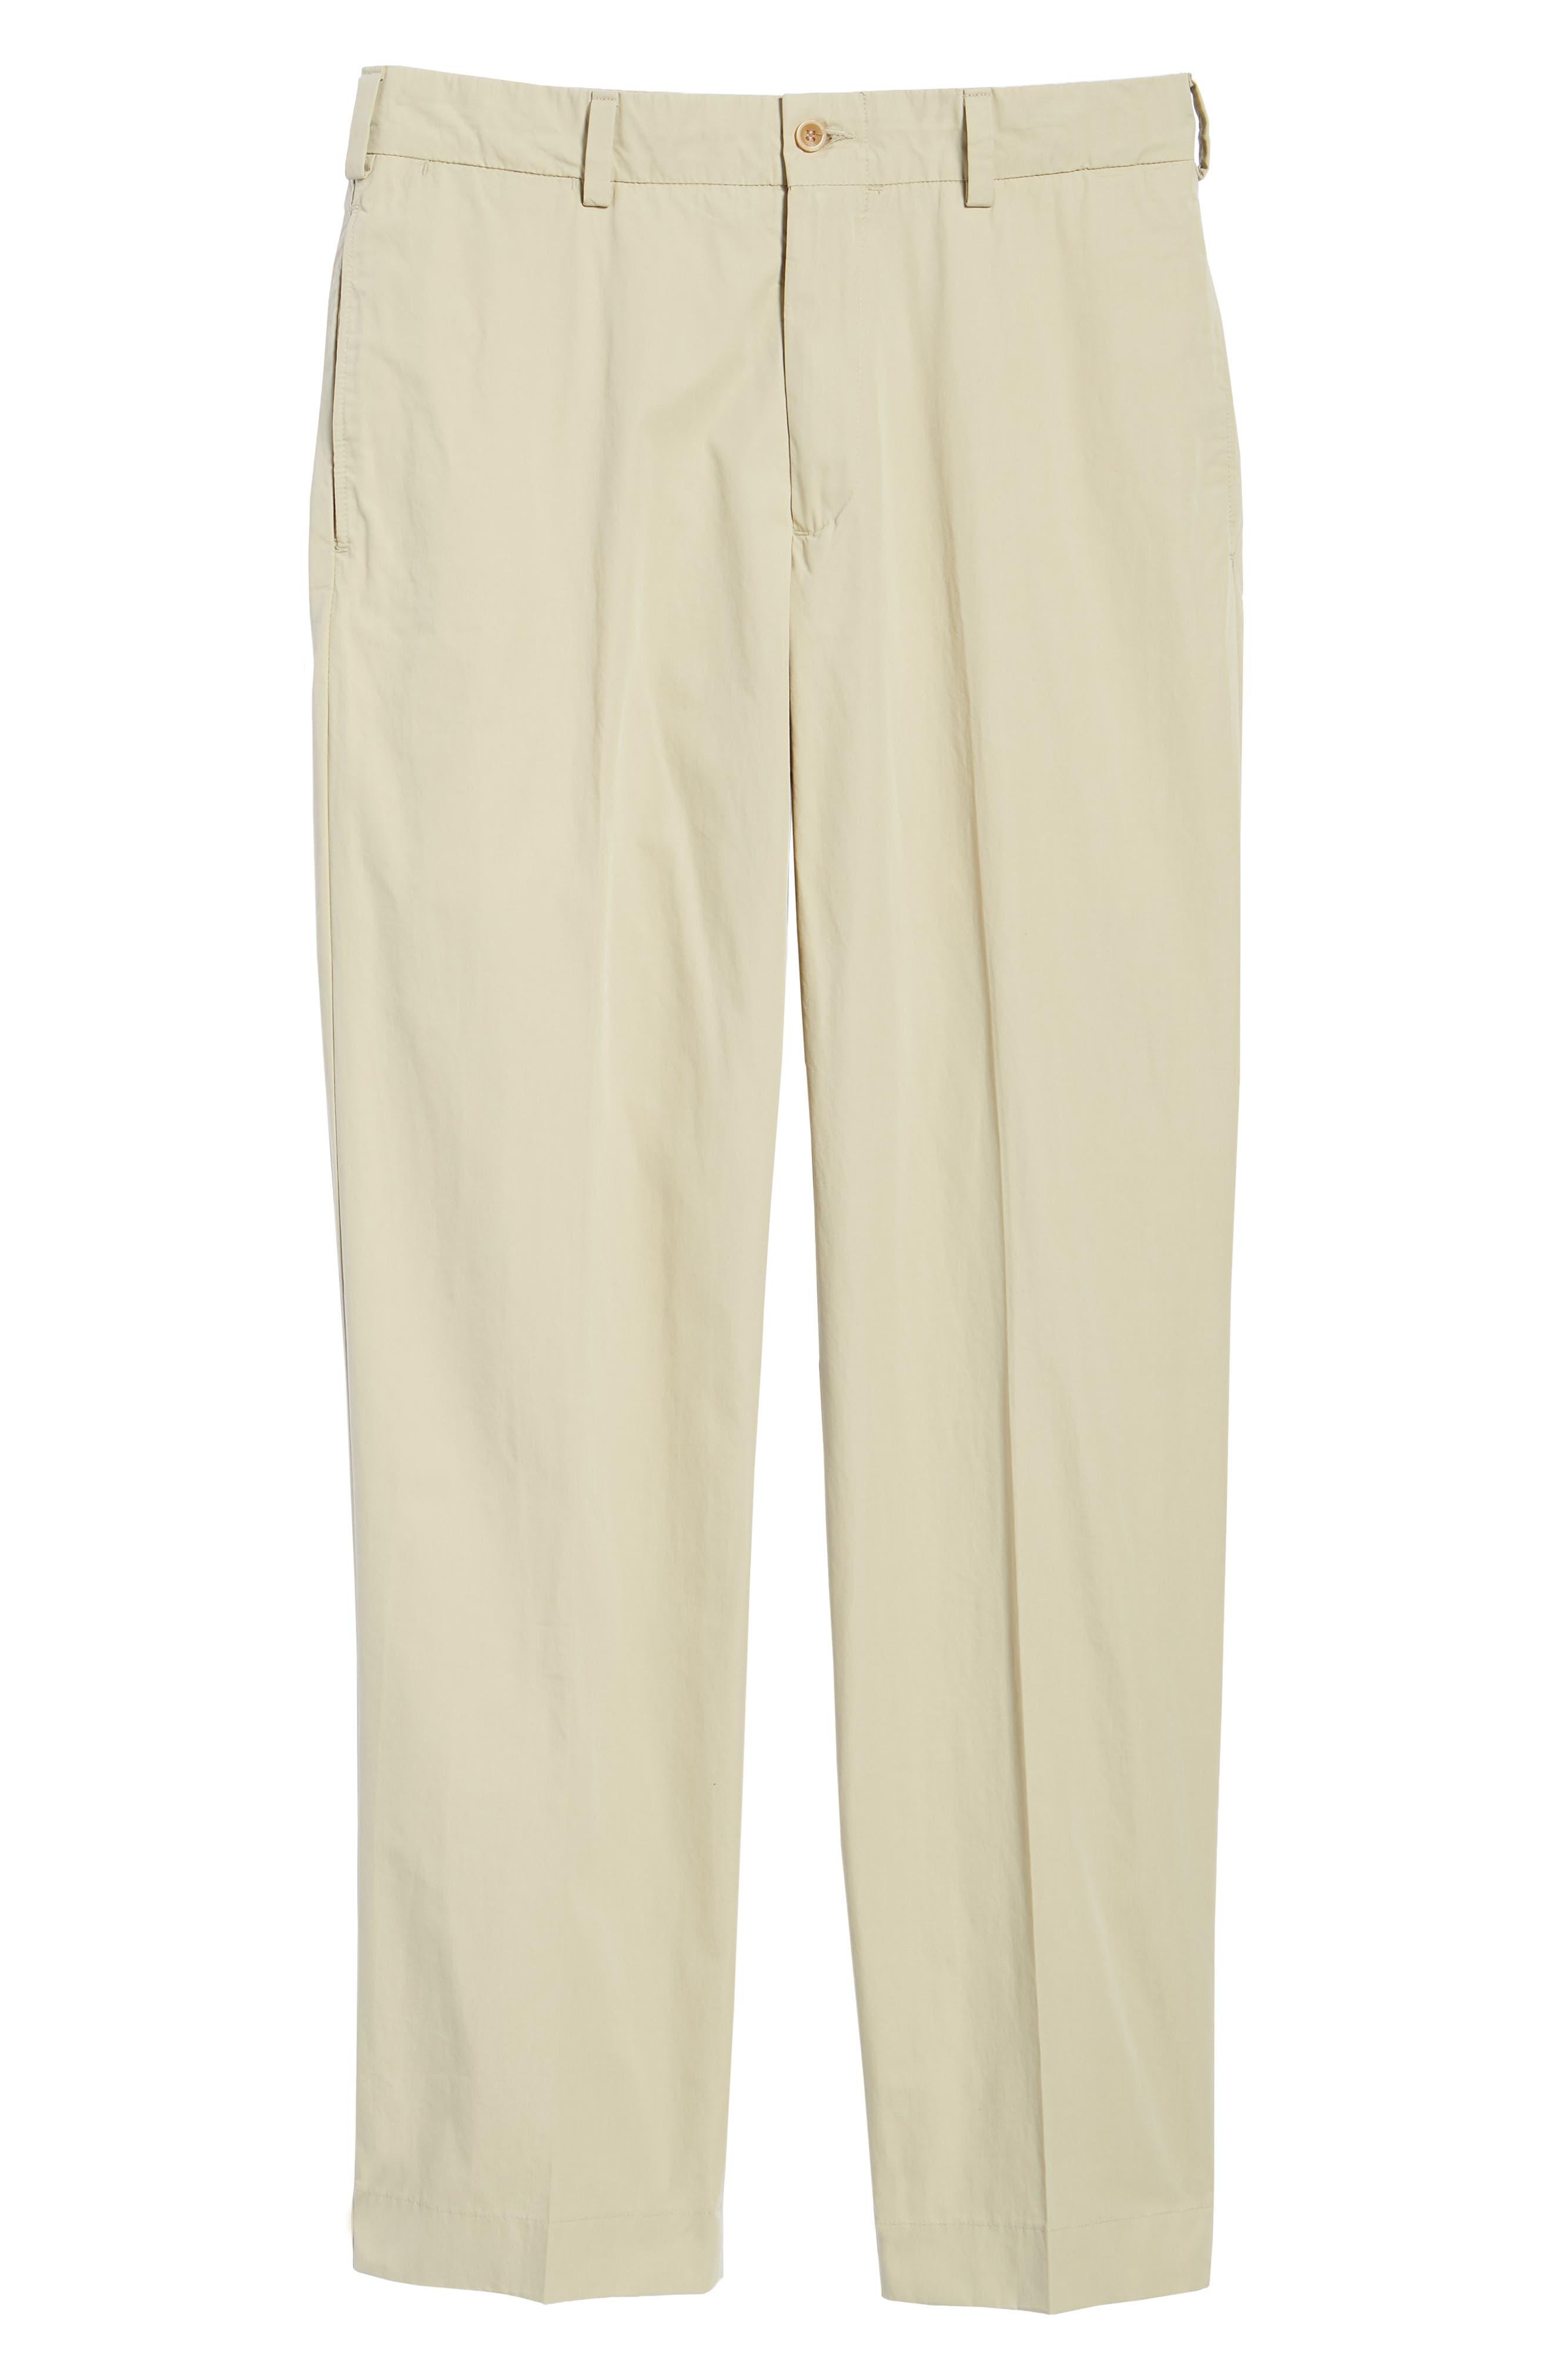 M2 Classic Fit Flat Front Tropical Cotton Poplin Pants,                             Alternate thumbnail 6, color,                             Khaki